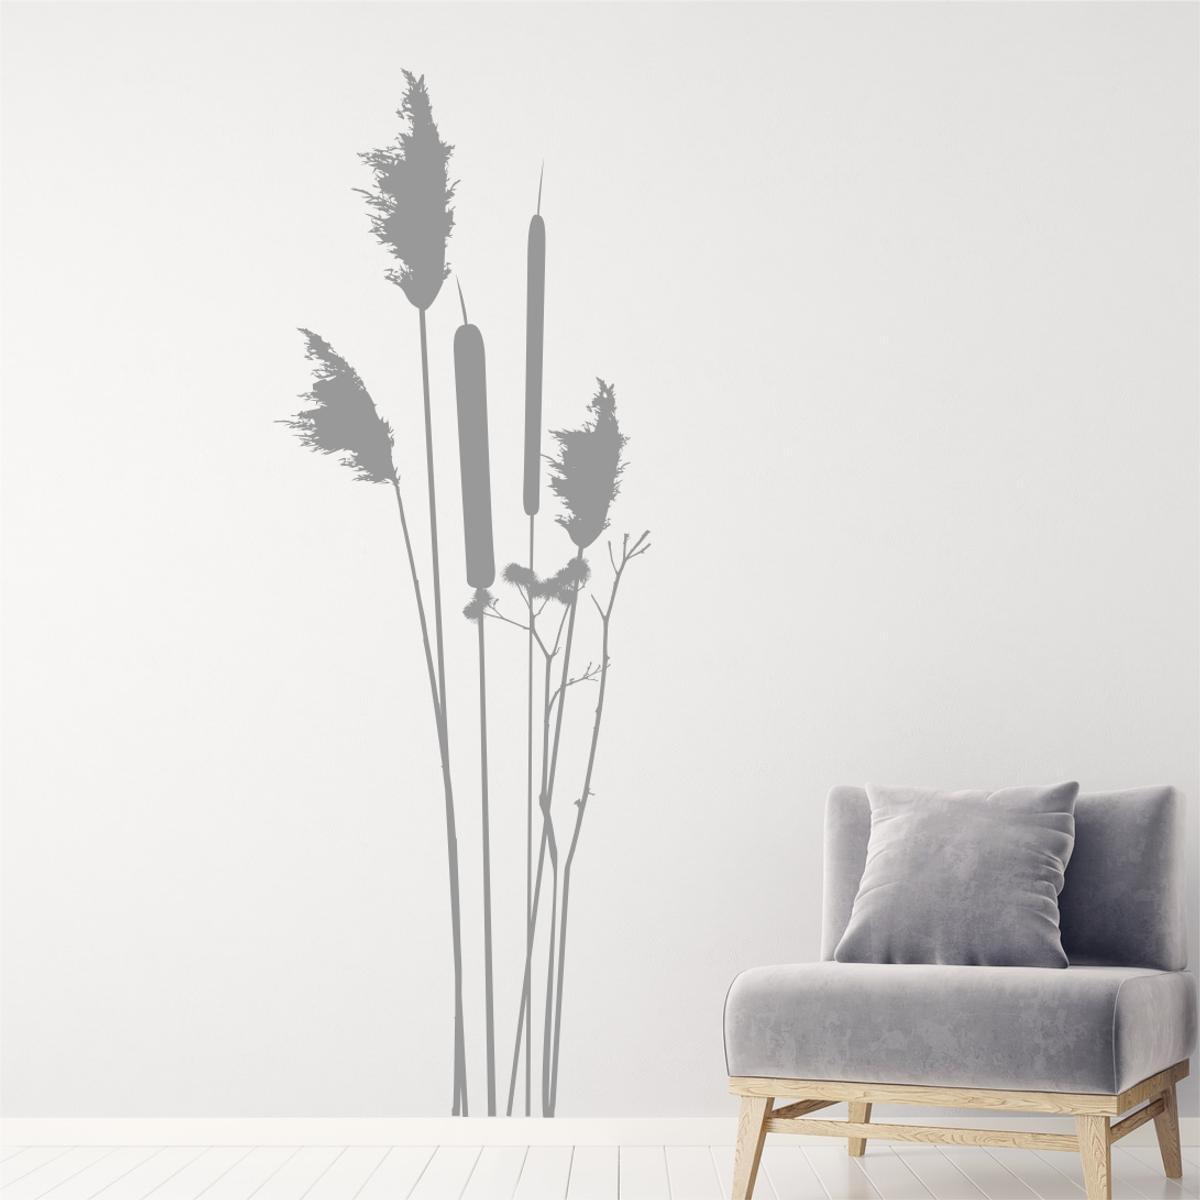 Künstlerisch Wandtattoo Gras Referenz Von Pflanzen Schilf